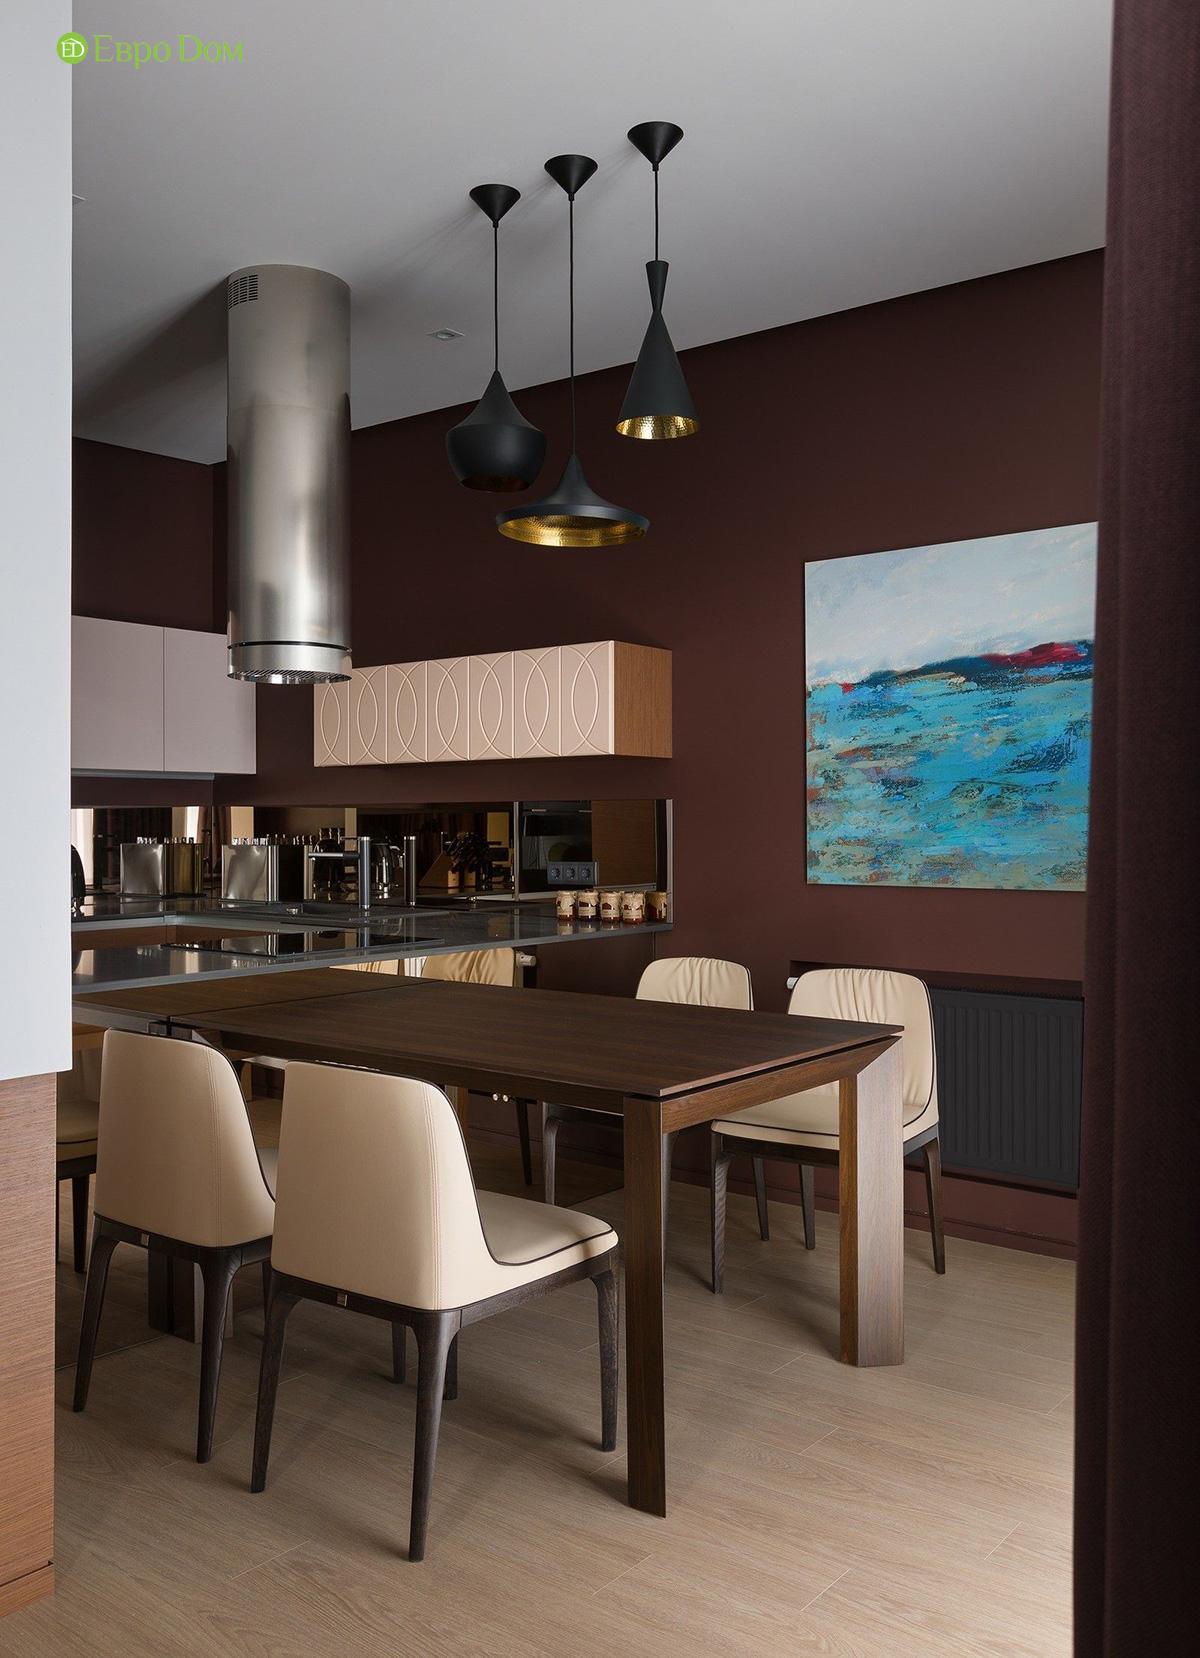 Ремонт и отделка 4-комнатной квартиры 103 м2 в современном стиле. Фото 010